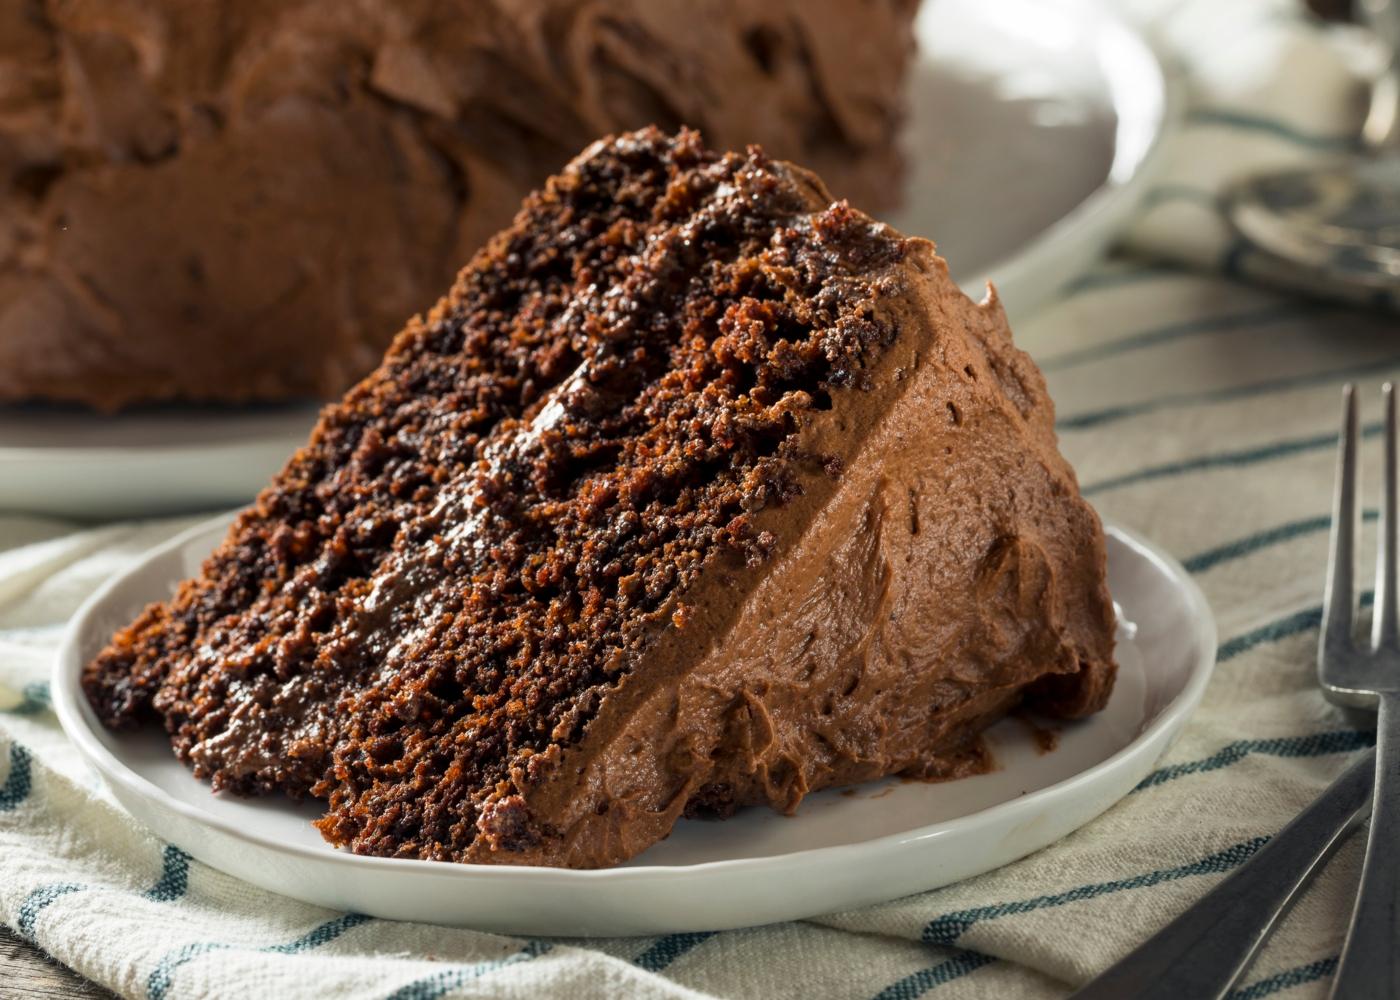 Fatia de bolo de mousse de chocolate com batata-doce